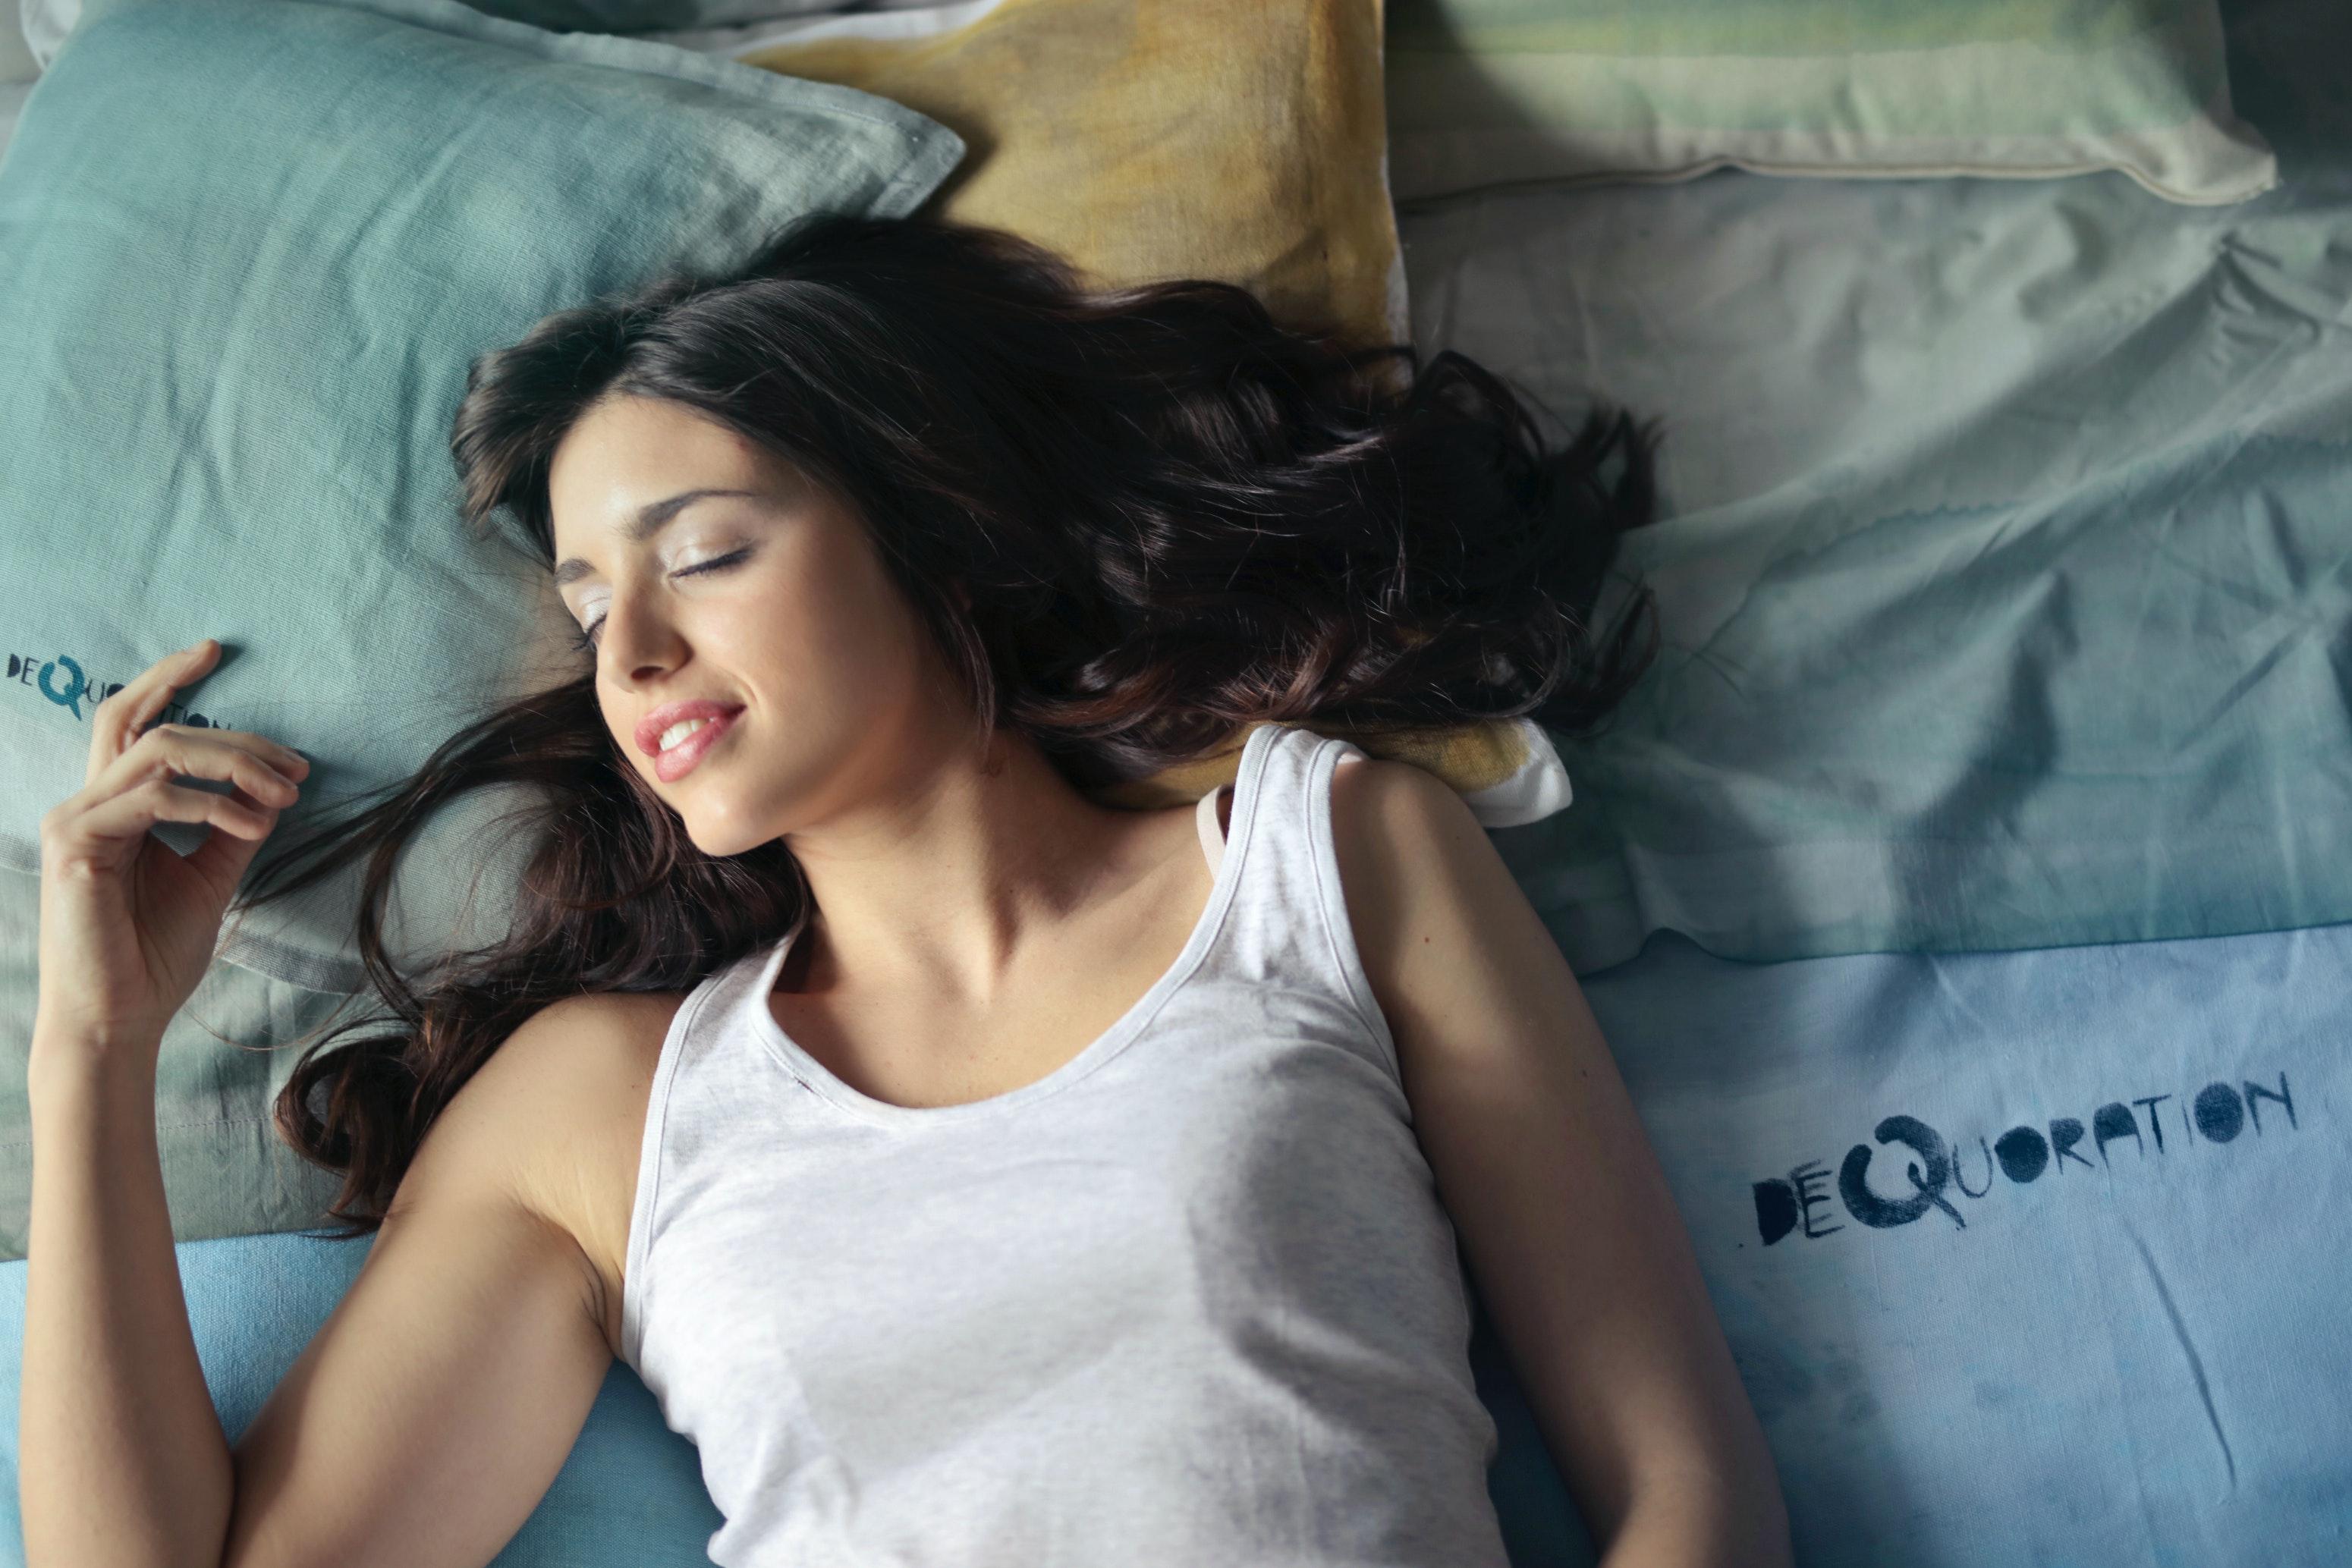 1000 smukke kvinder på sengen Fotos Pexels Free Stock Photos-1854